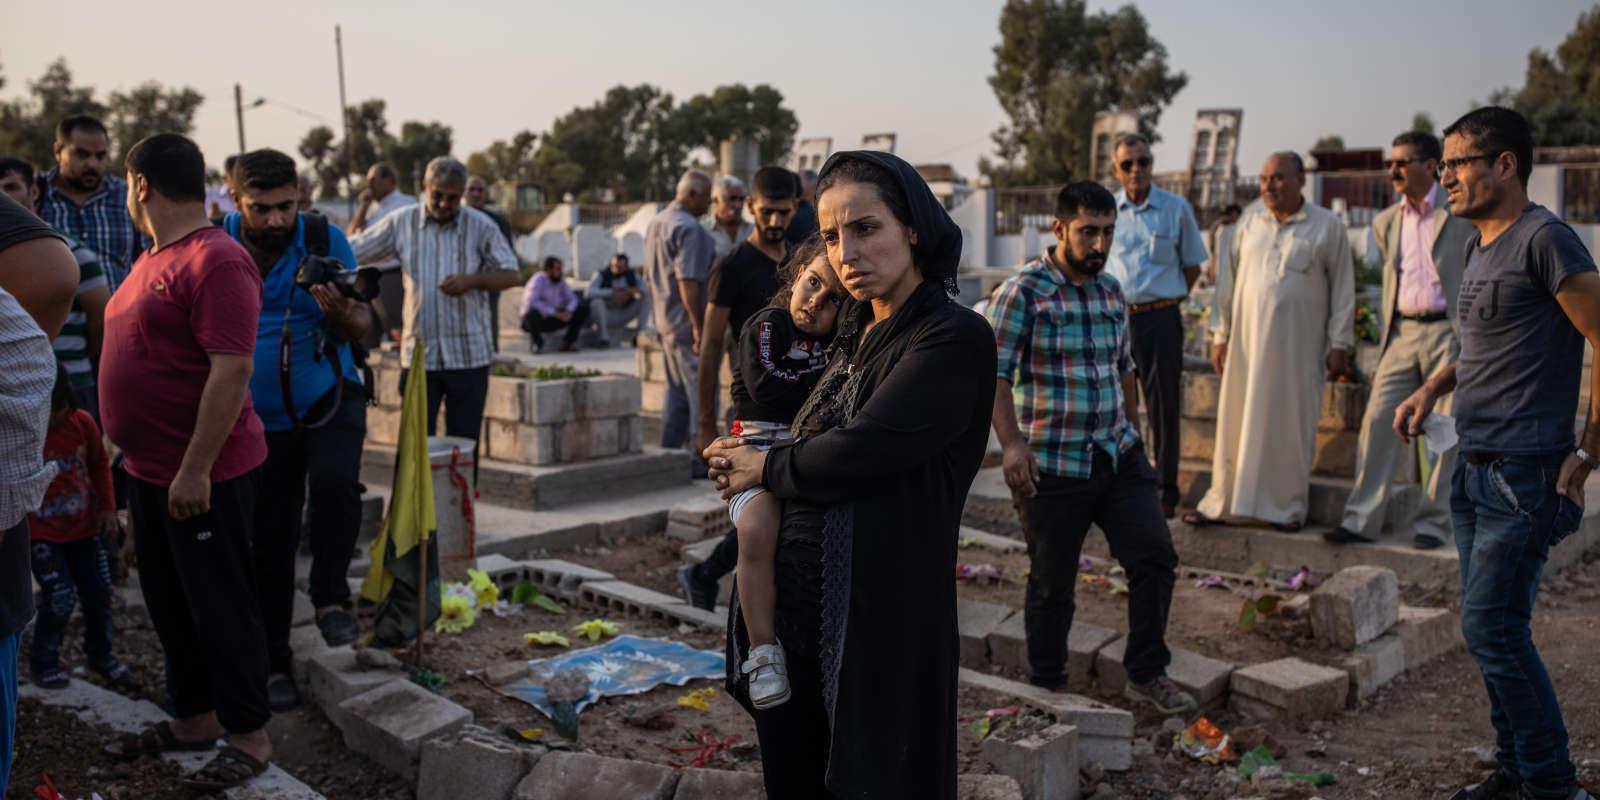 Enterrement de quatre habitants de Kamechliye et de ses environs au Kurdistan syrien, tués lors de l'opération turque